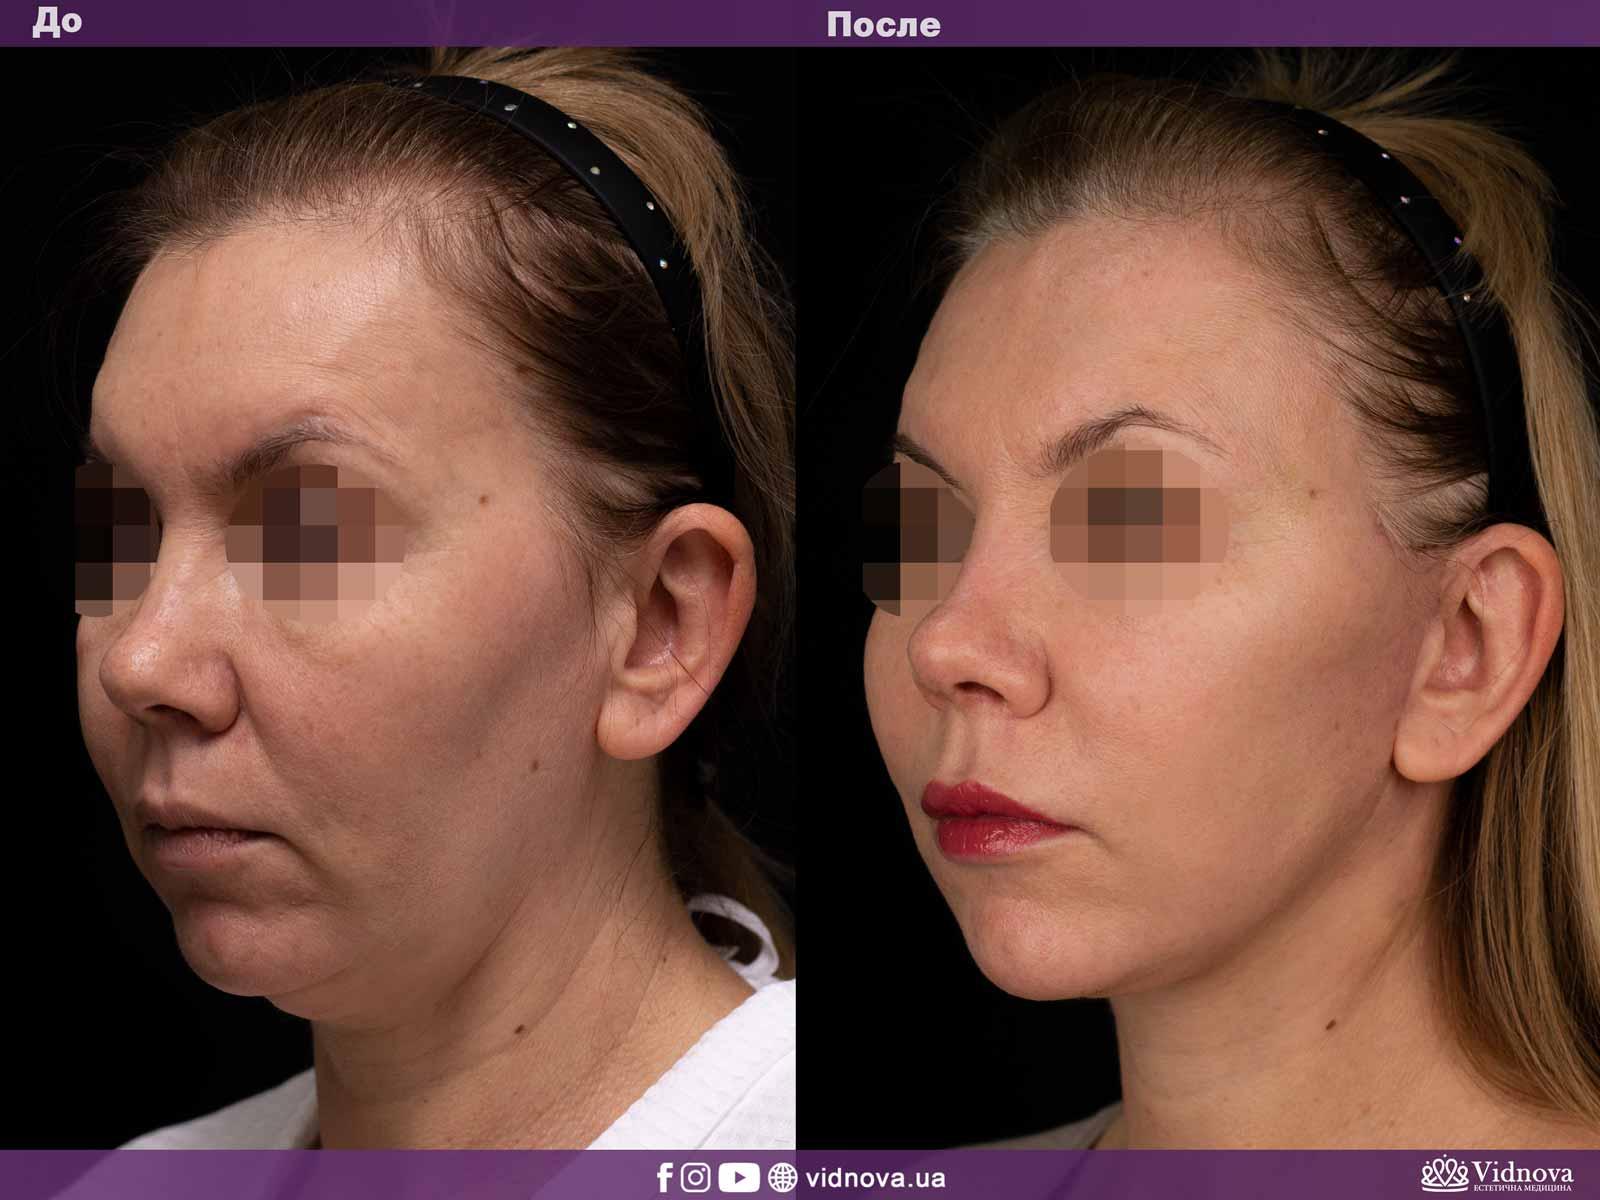 Подтяжка лица и шеи: Фото ДО и ПОСЛЕ - Пример №2-1 - Клиника Vidnova